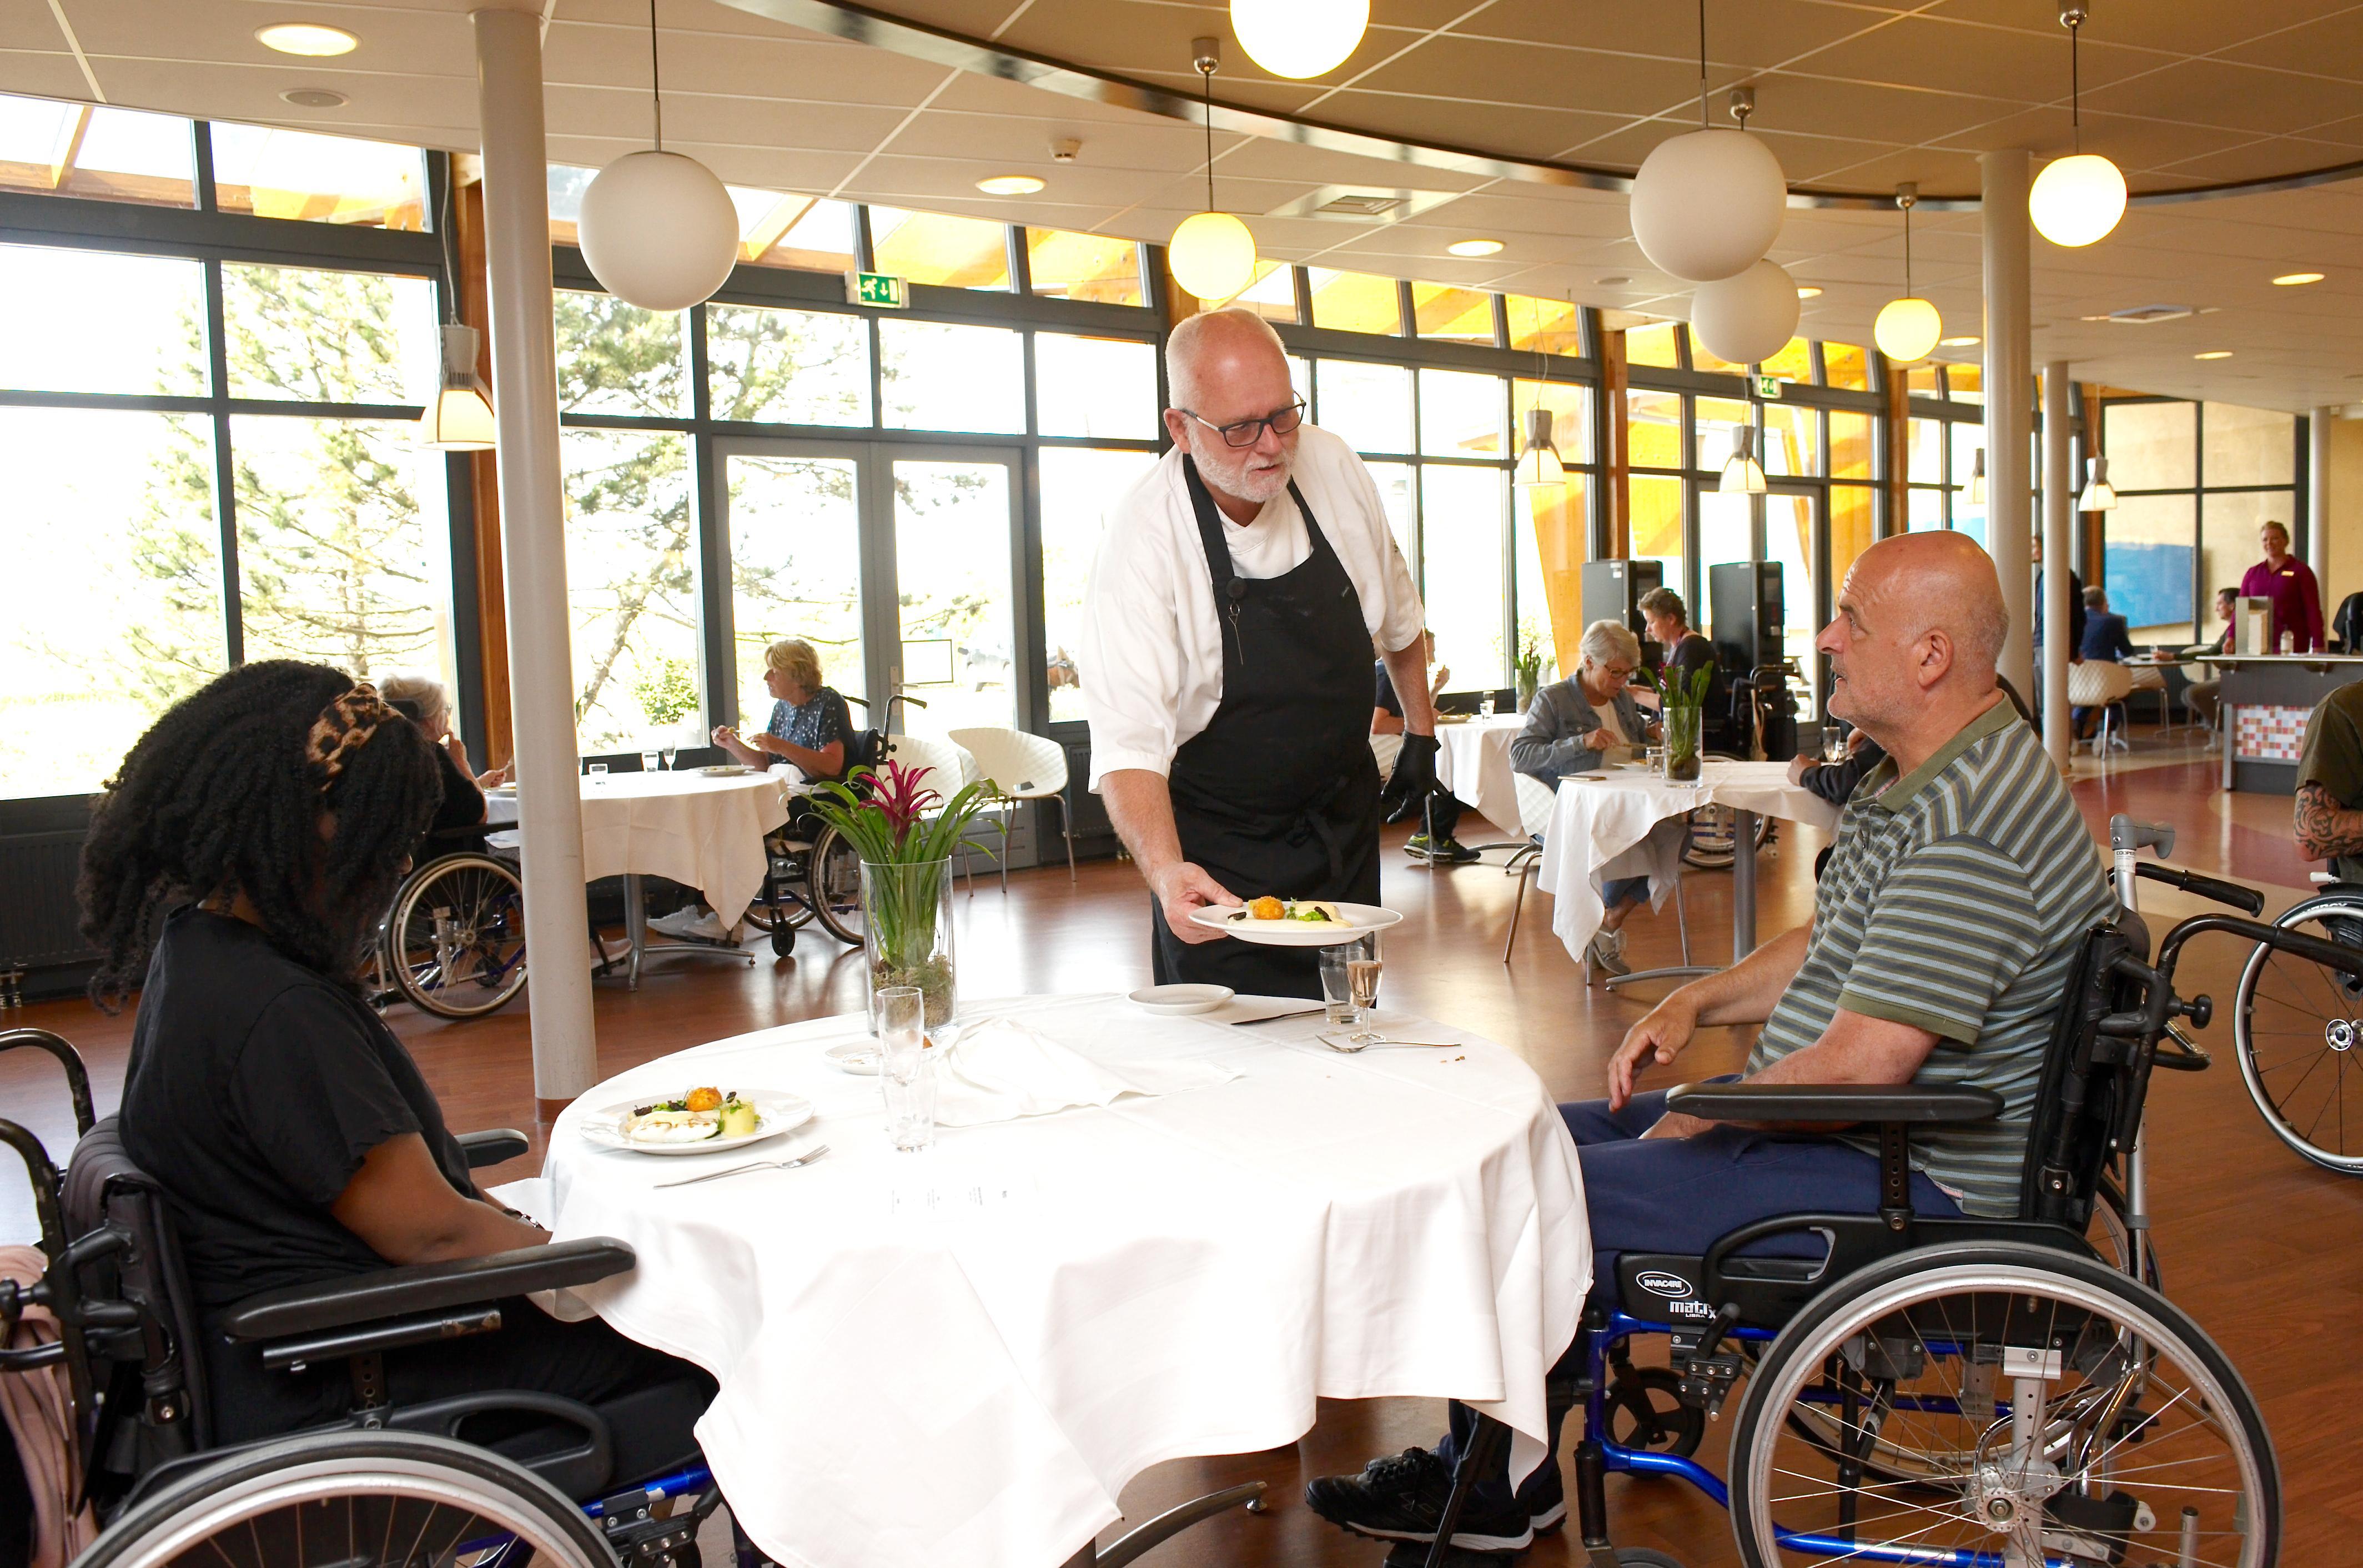 Meesterkok Imko Binnerts kookt voor bewoners Heliomare in Wijk aan Zee. 'Een unieke ervaring in deze roerige tijd', vindt het revalidatiecentrum